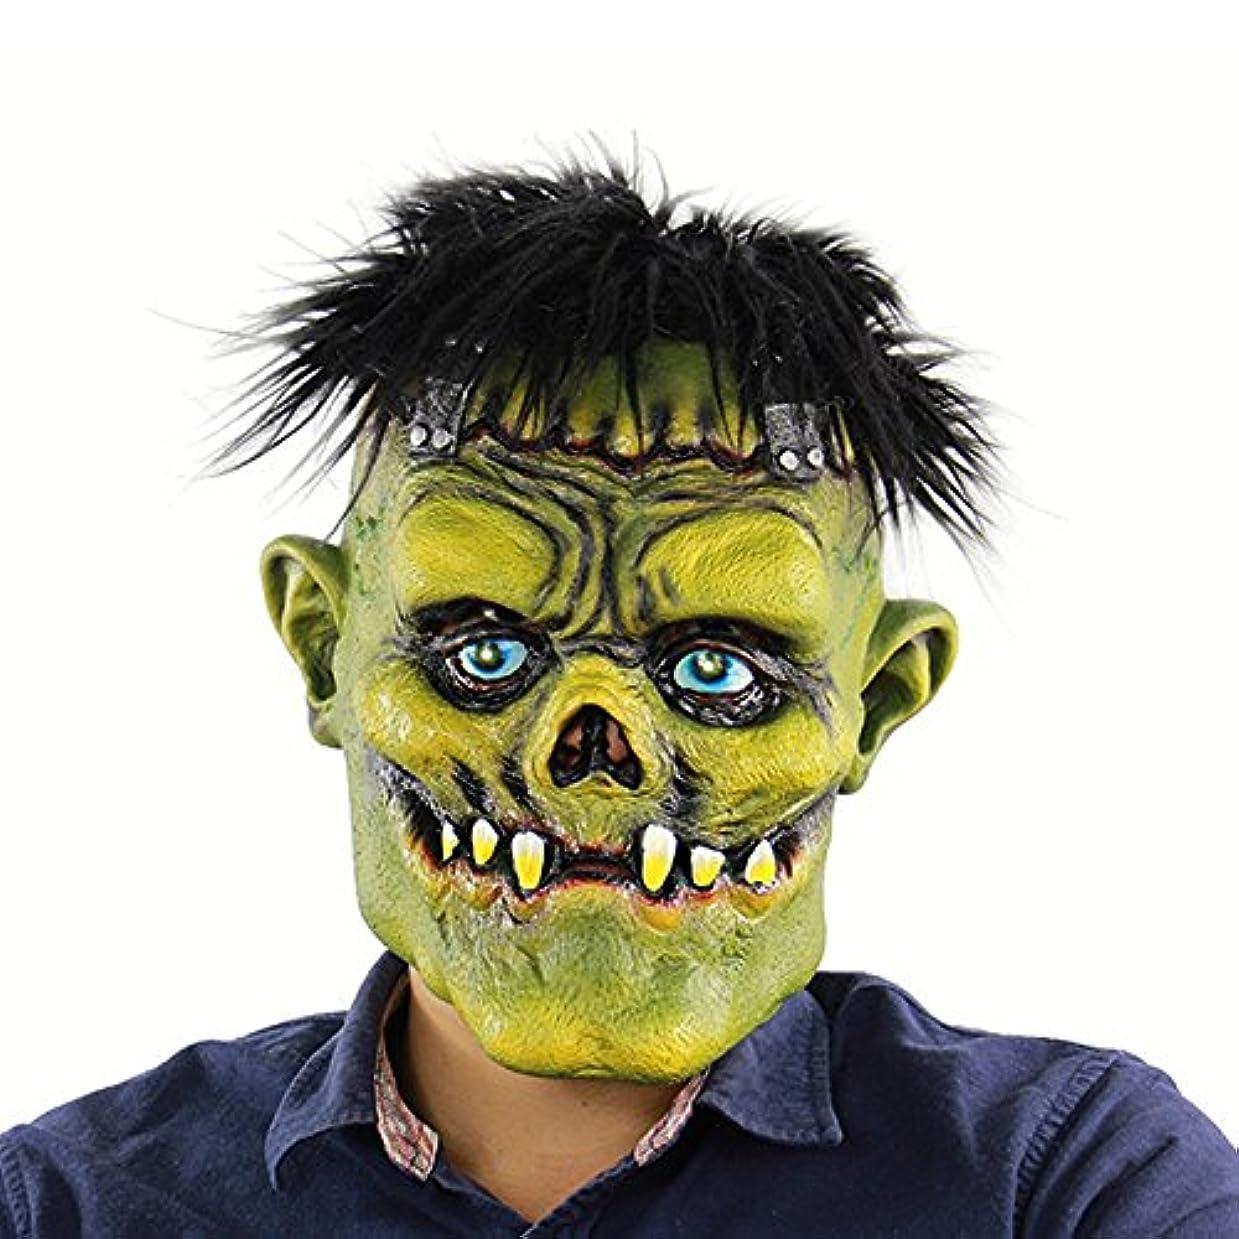 不足付与ショップ怖いブルネットグリーンフェイスモンスターヘッドカバーハロウィンラテックスゴーストマスク